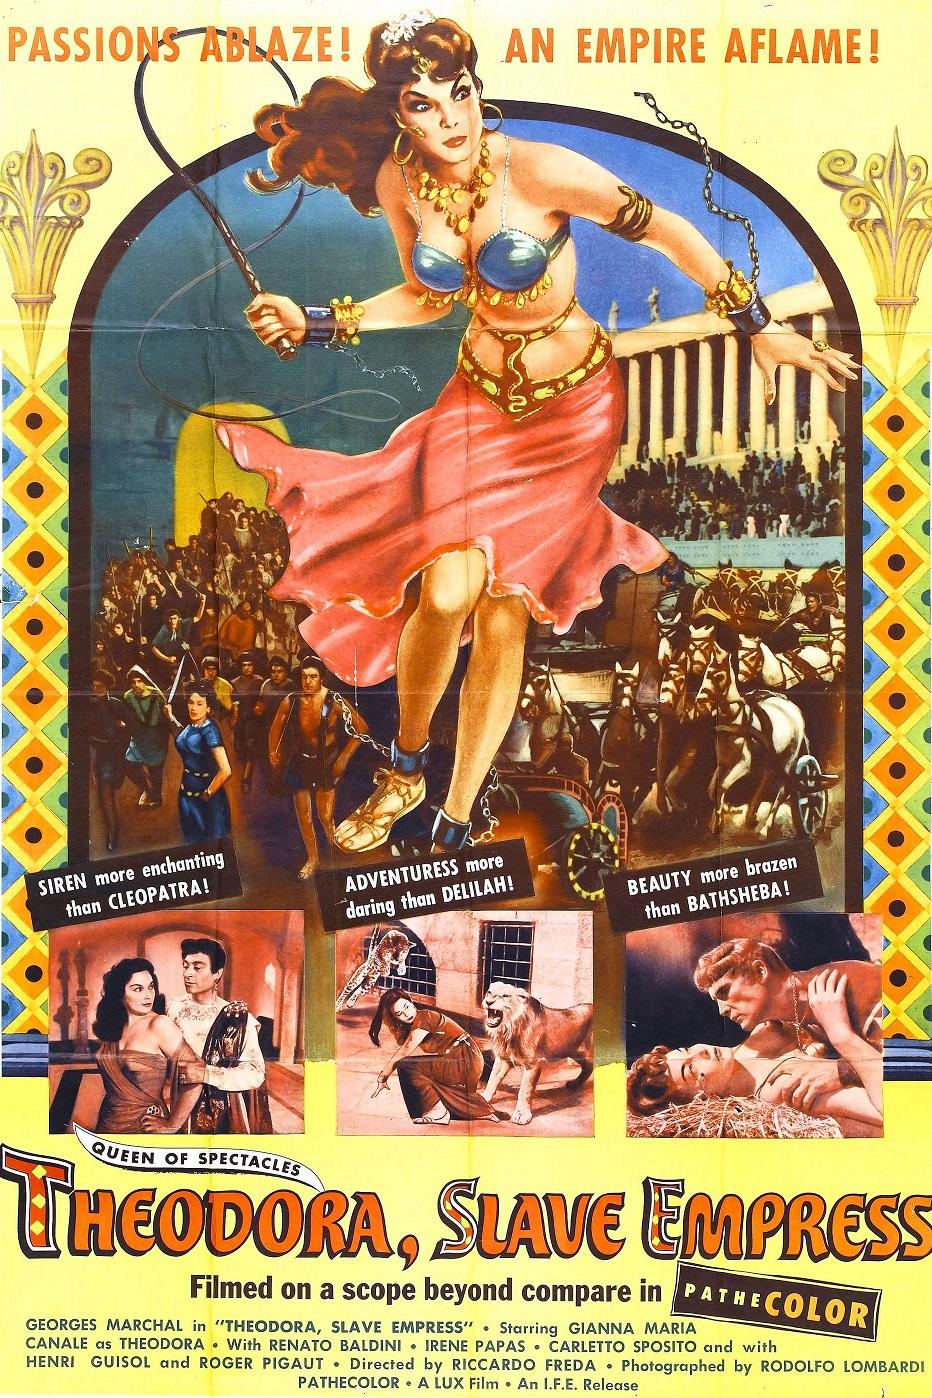 theodora slave empress